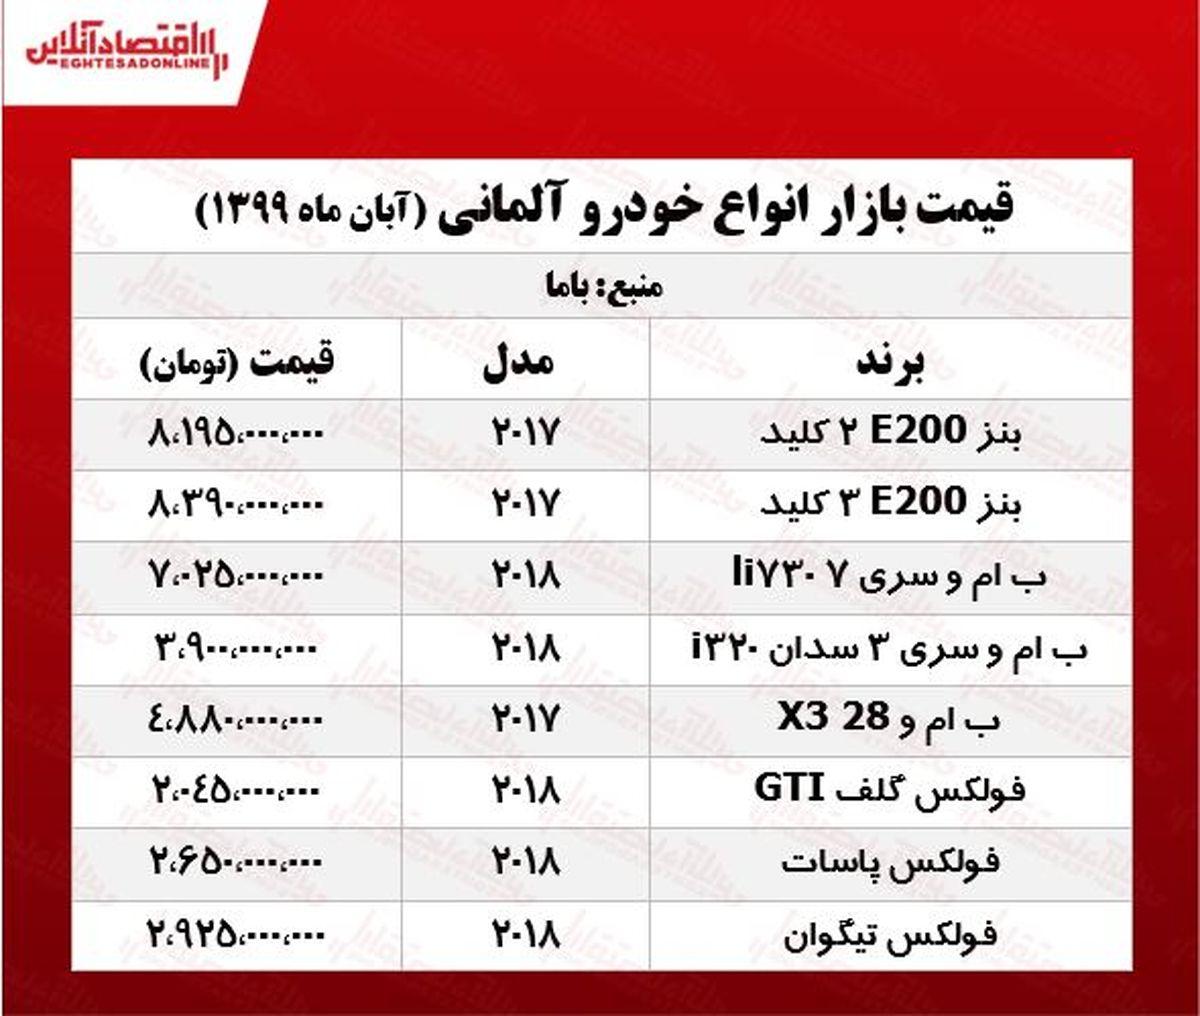 قیمت خودروهای آلمانی در تهران +جدول